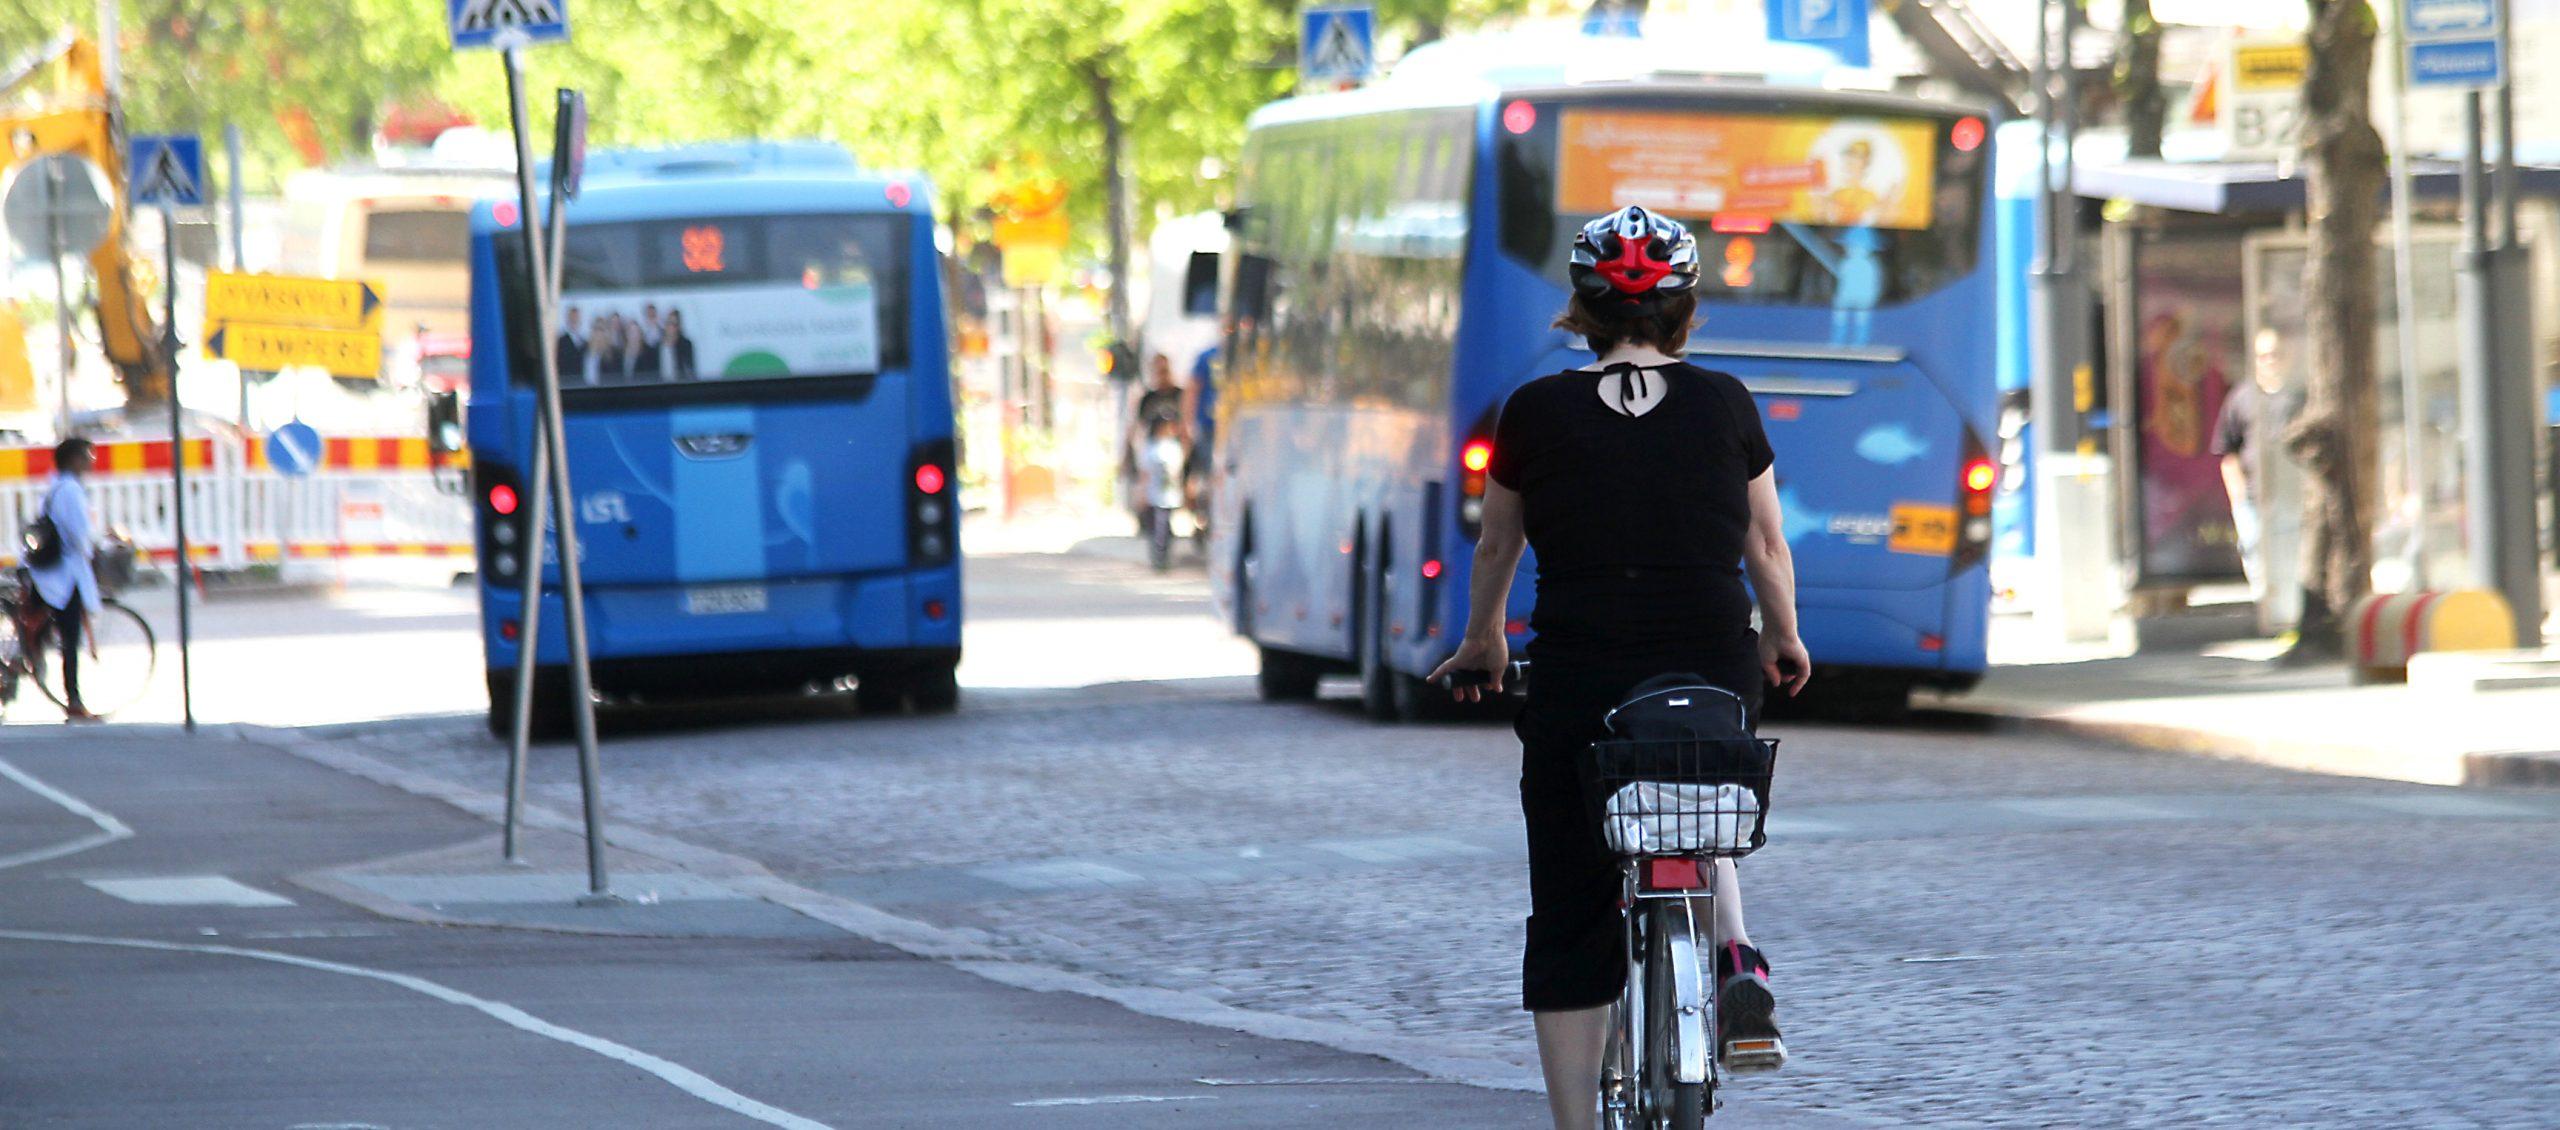 Kuva, jossa busseja ja pyöräilijöitä Lahdessa